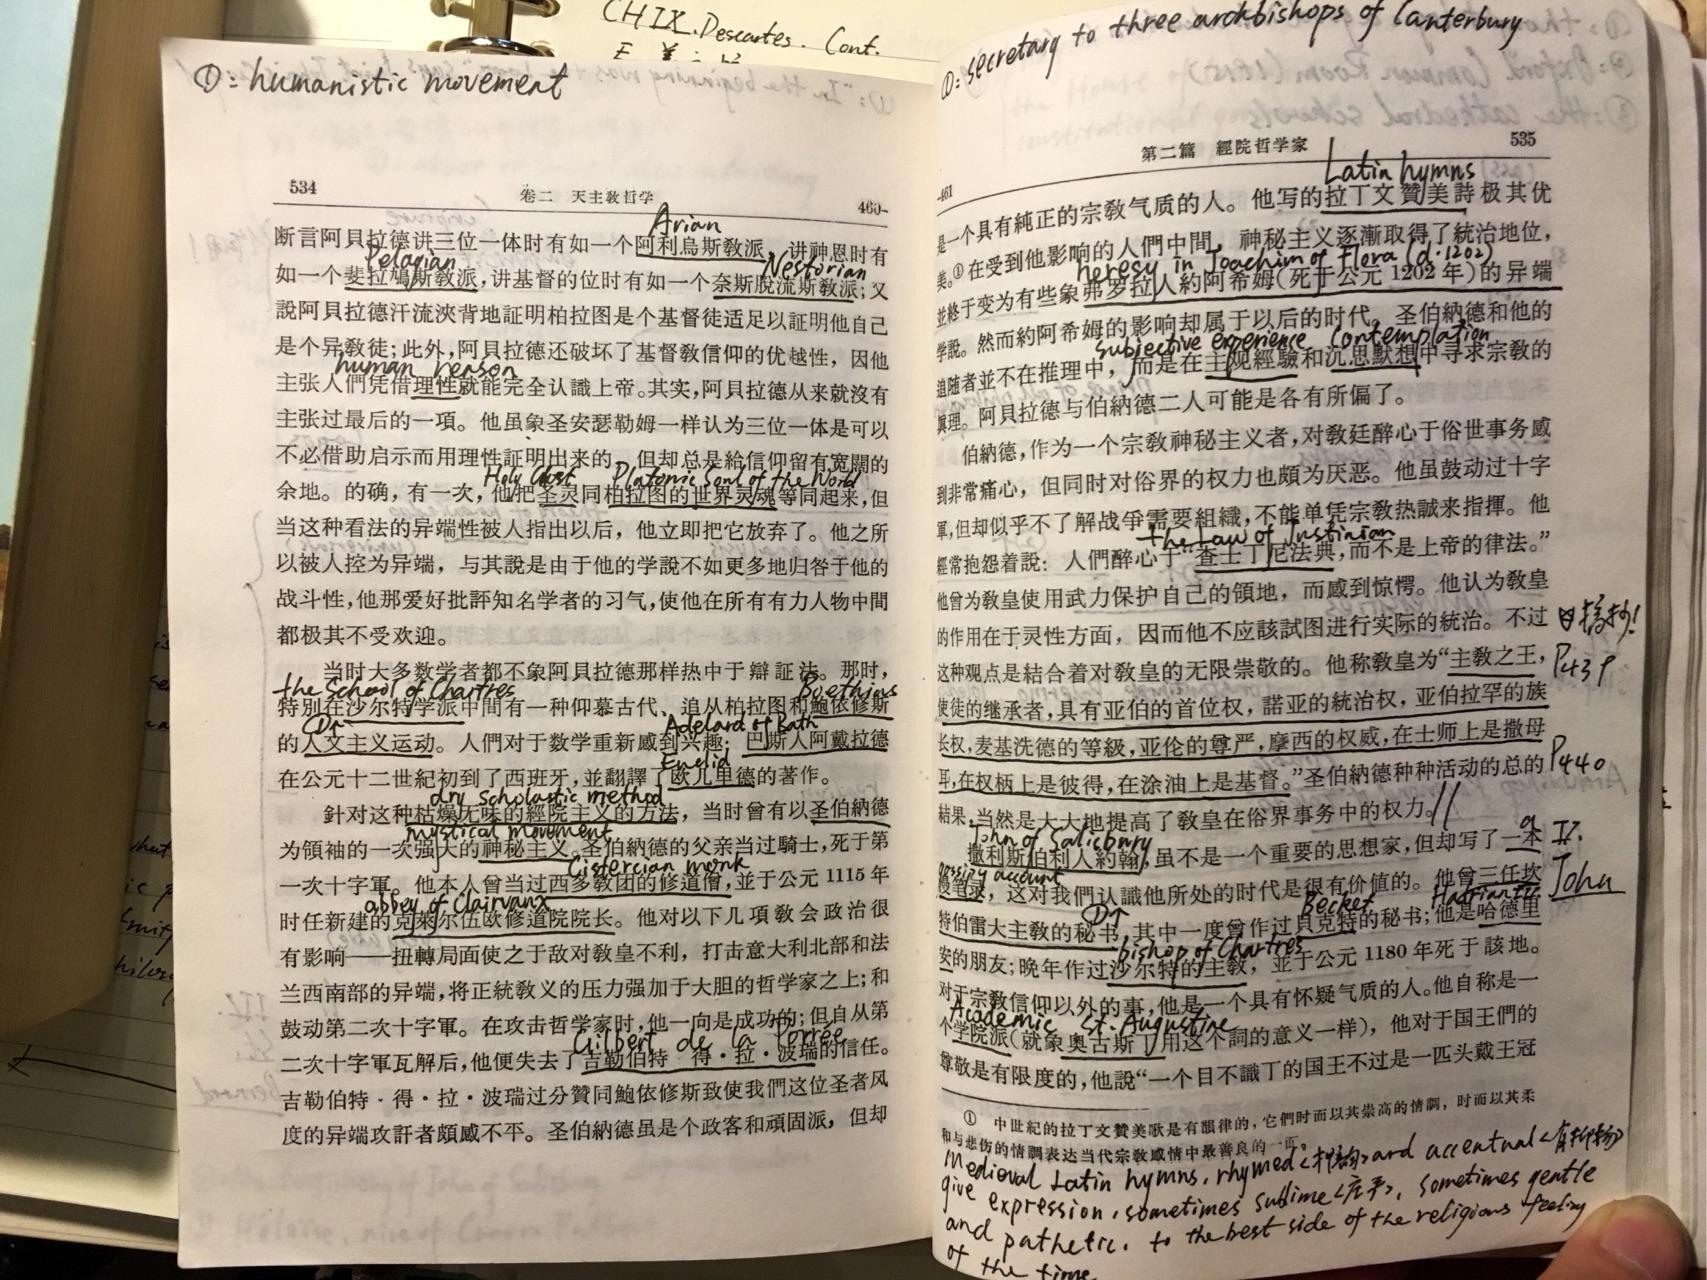 中文 歌曲 英文 版